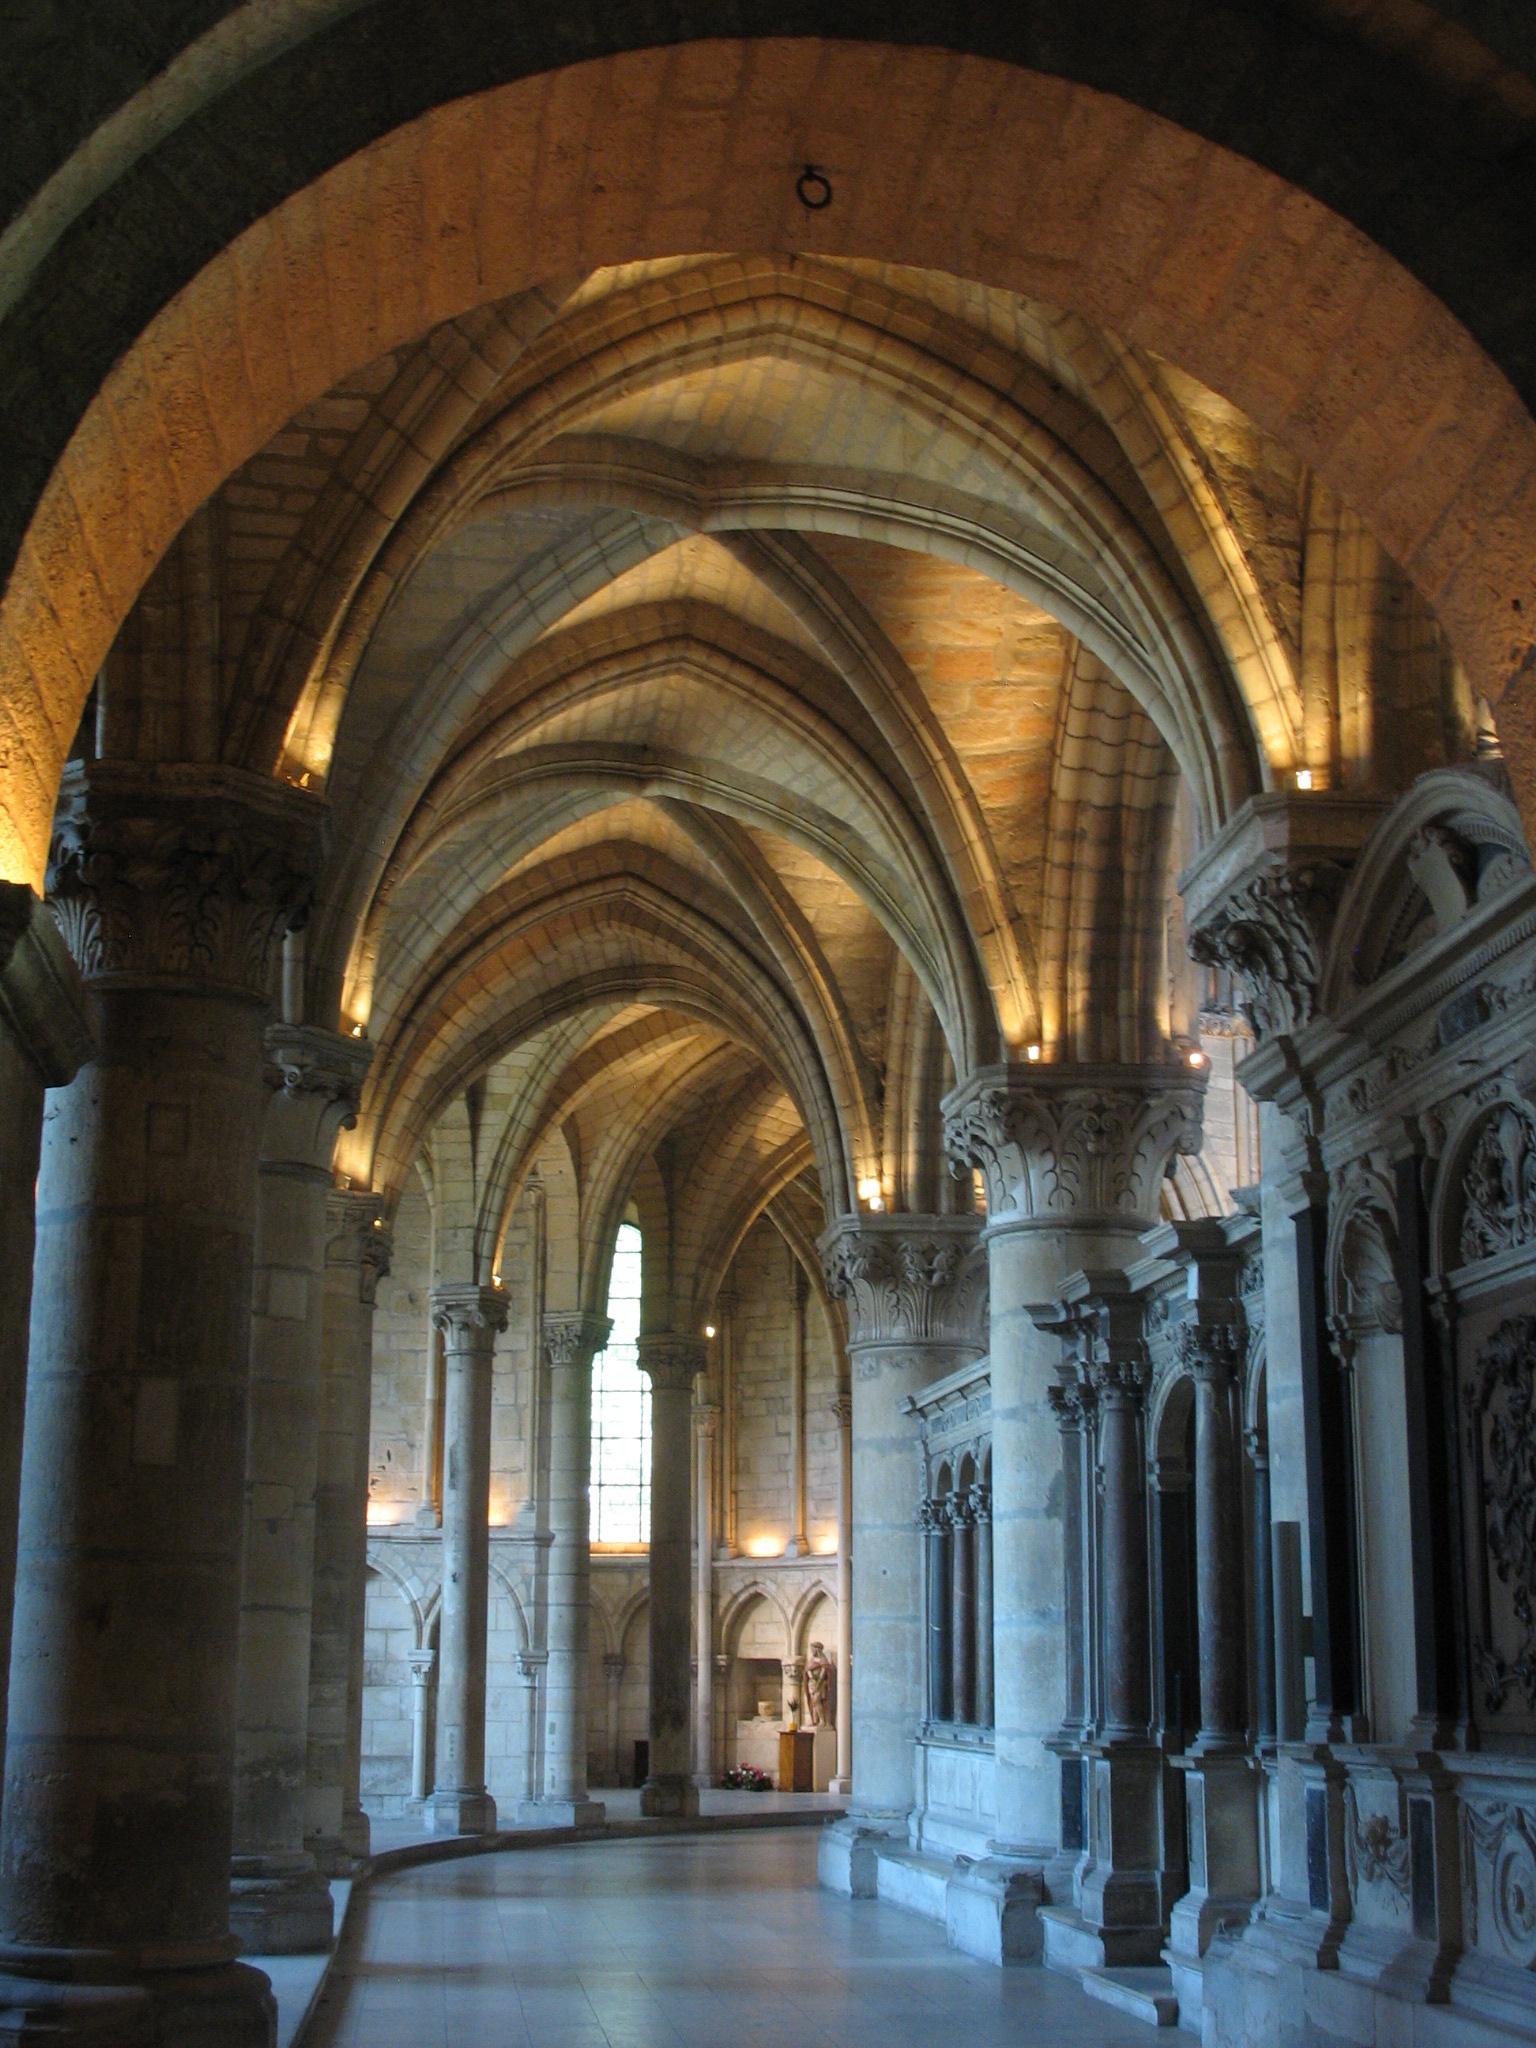 Basilique saint remi de reims reims juni 2011 kathedra flickr phot - Basilique st remi reims ...